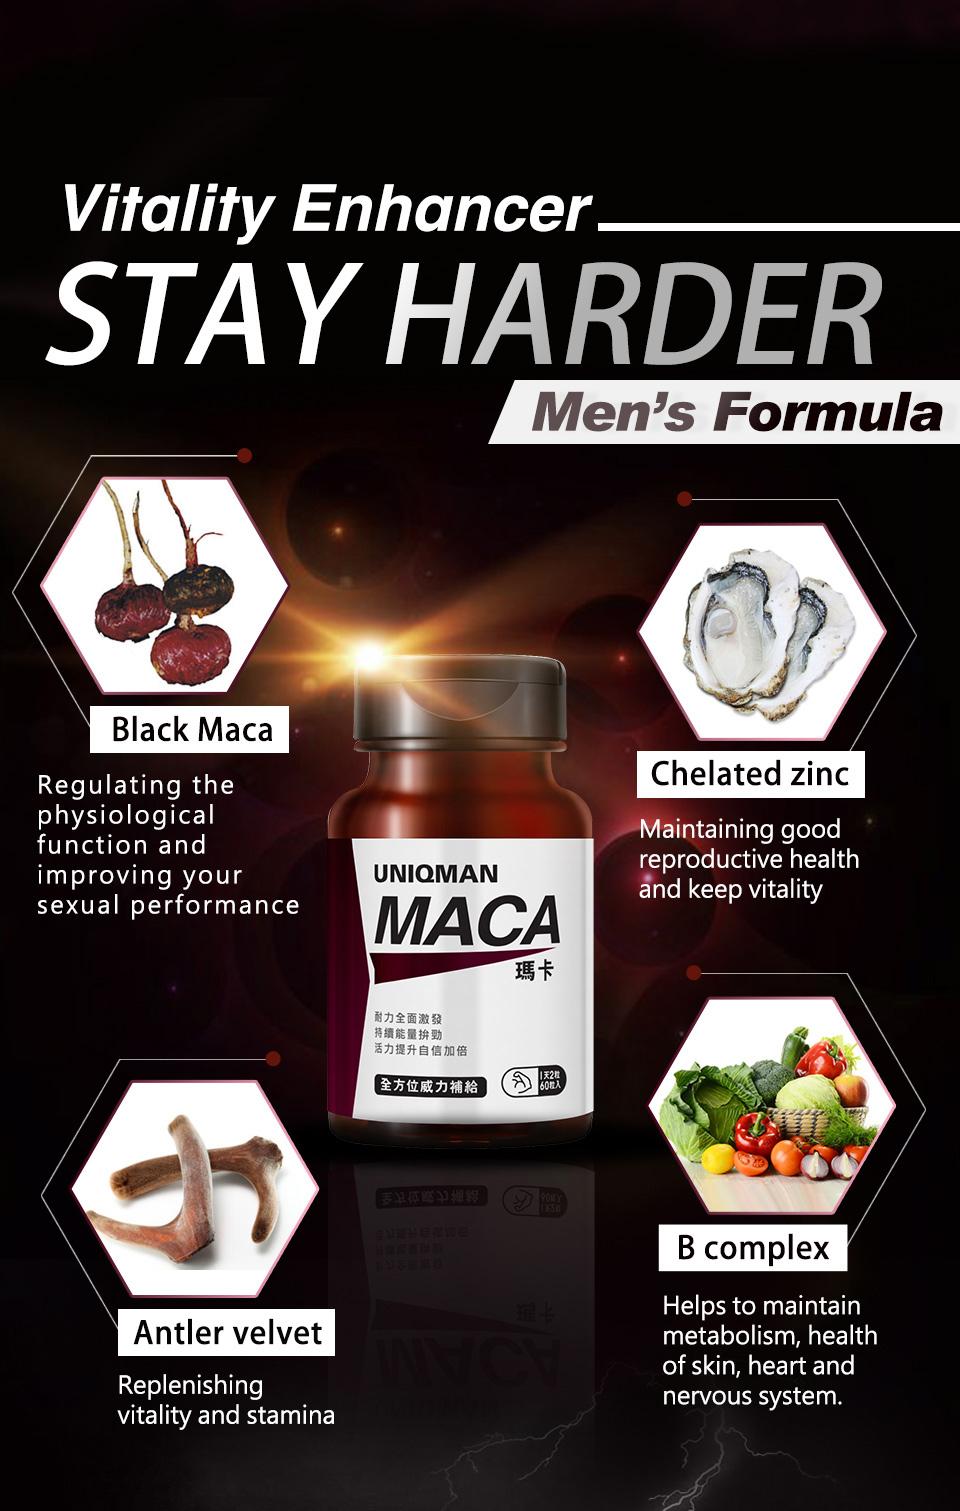 UNIQMAN採用黑紅馬卡添加鹿茸及螯合鋅,全方位幫助男性保健